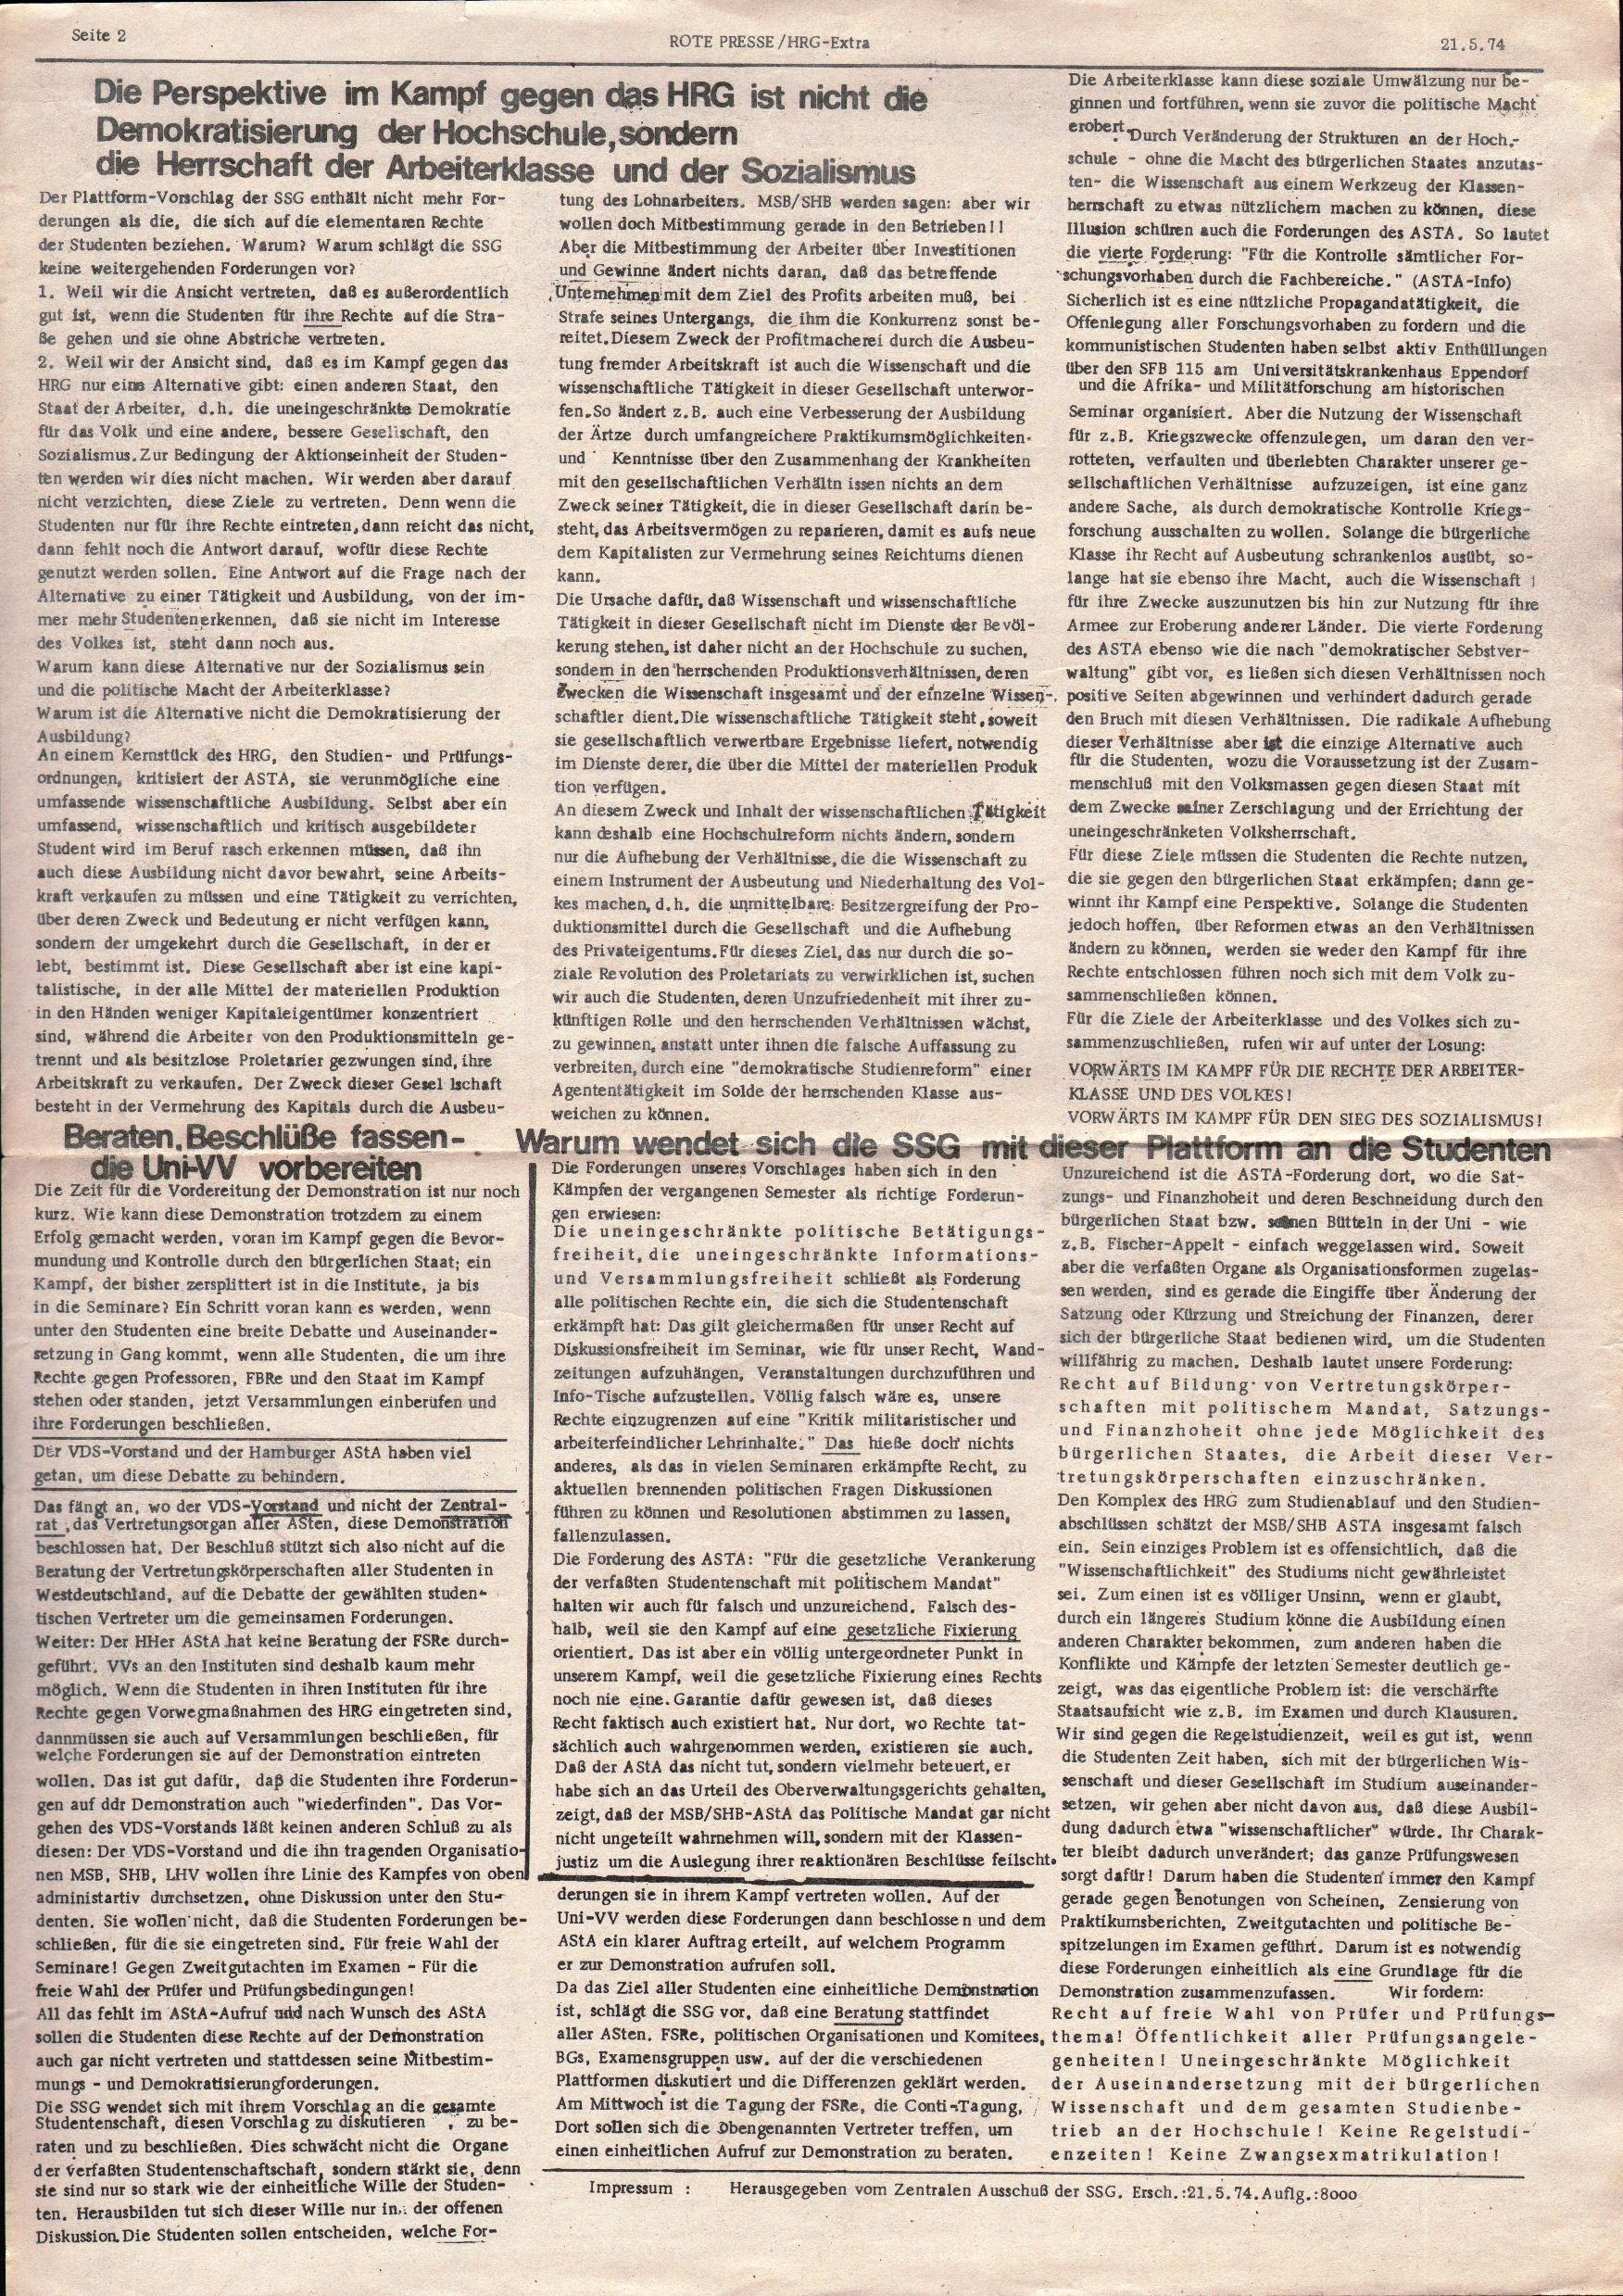 Hamburg_Rote_Presse389